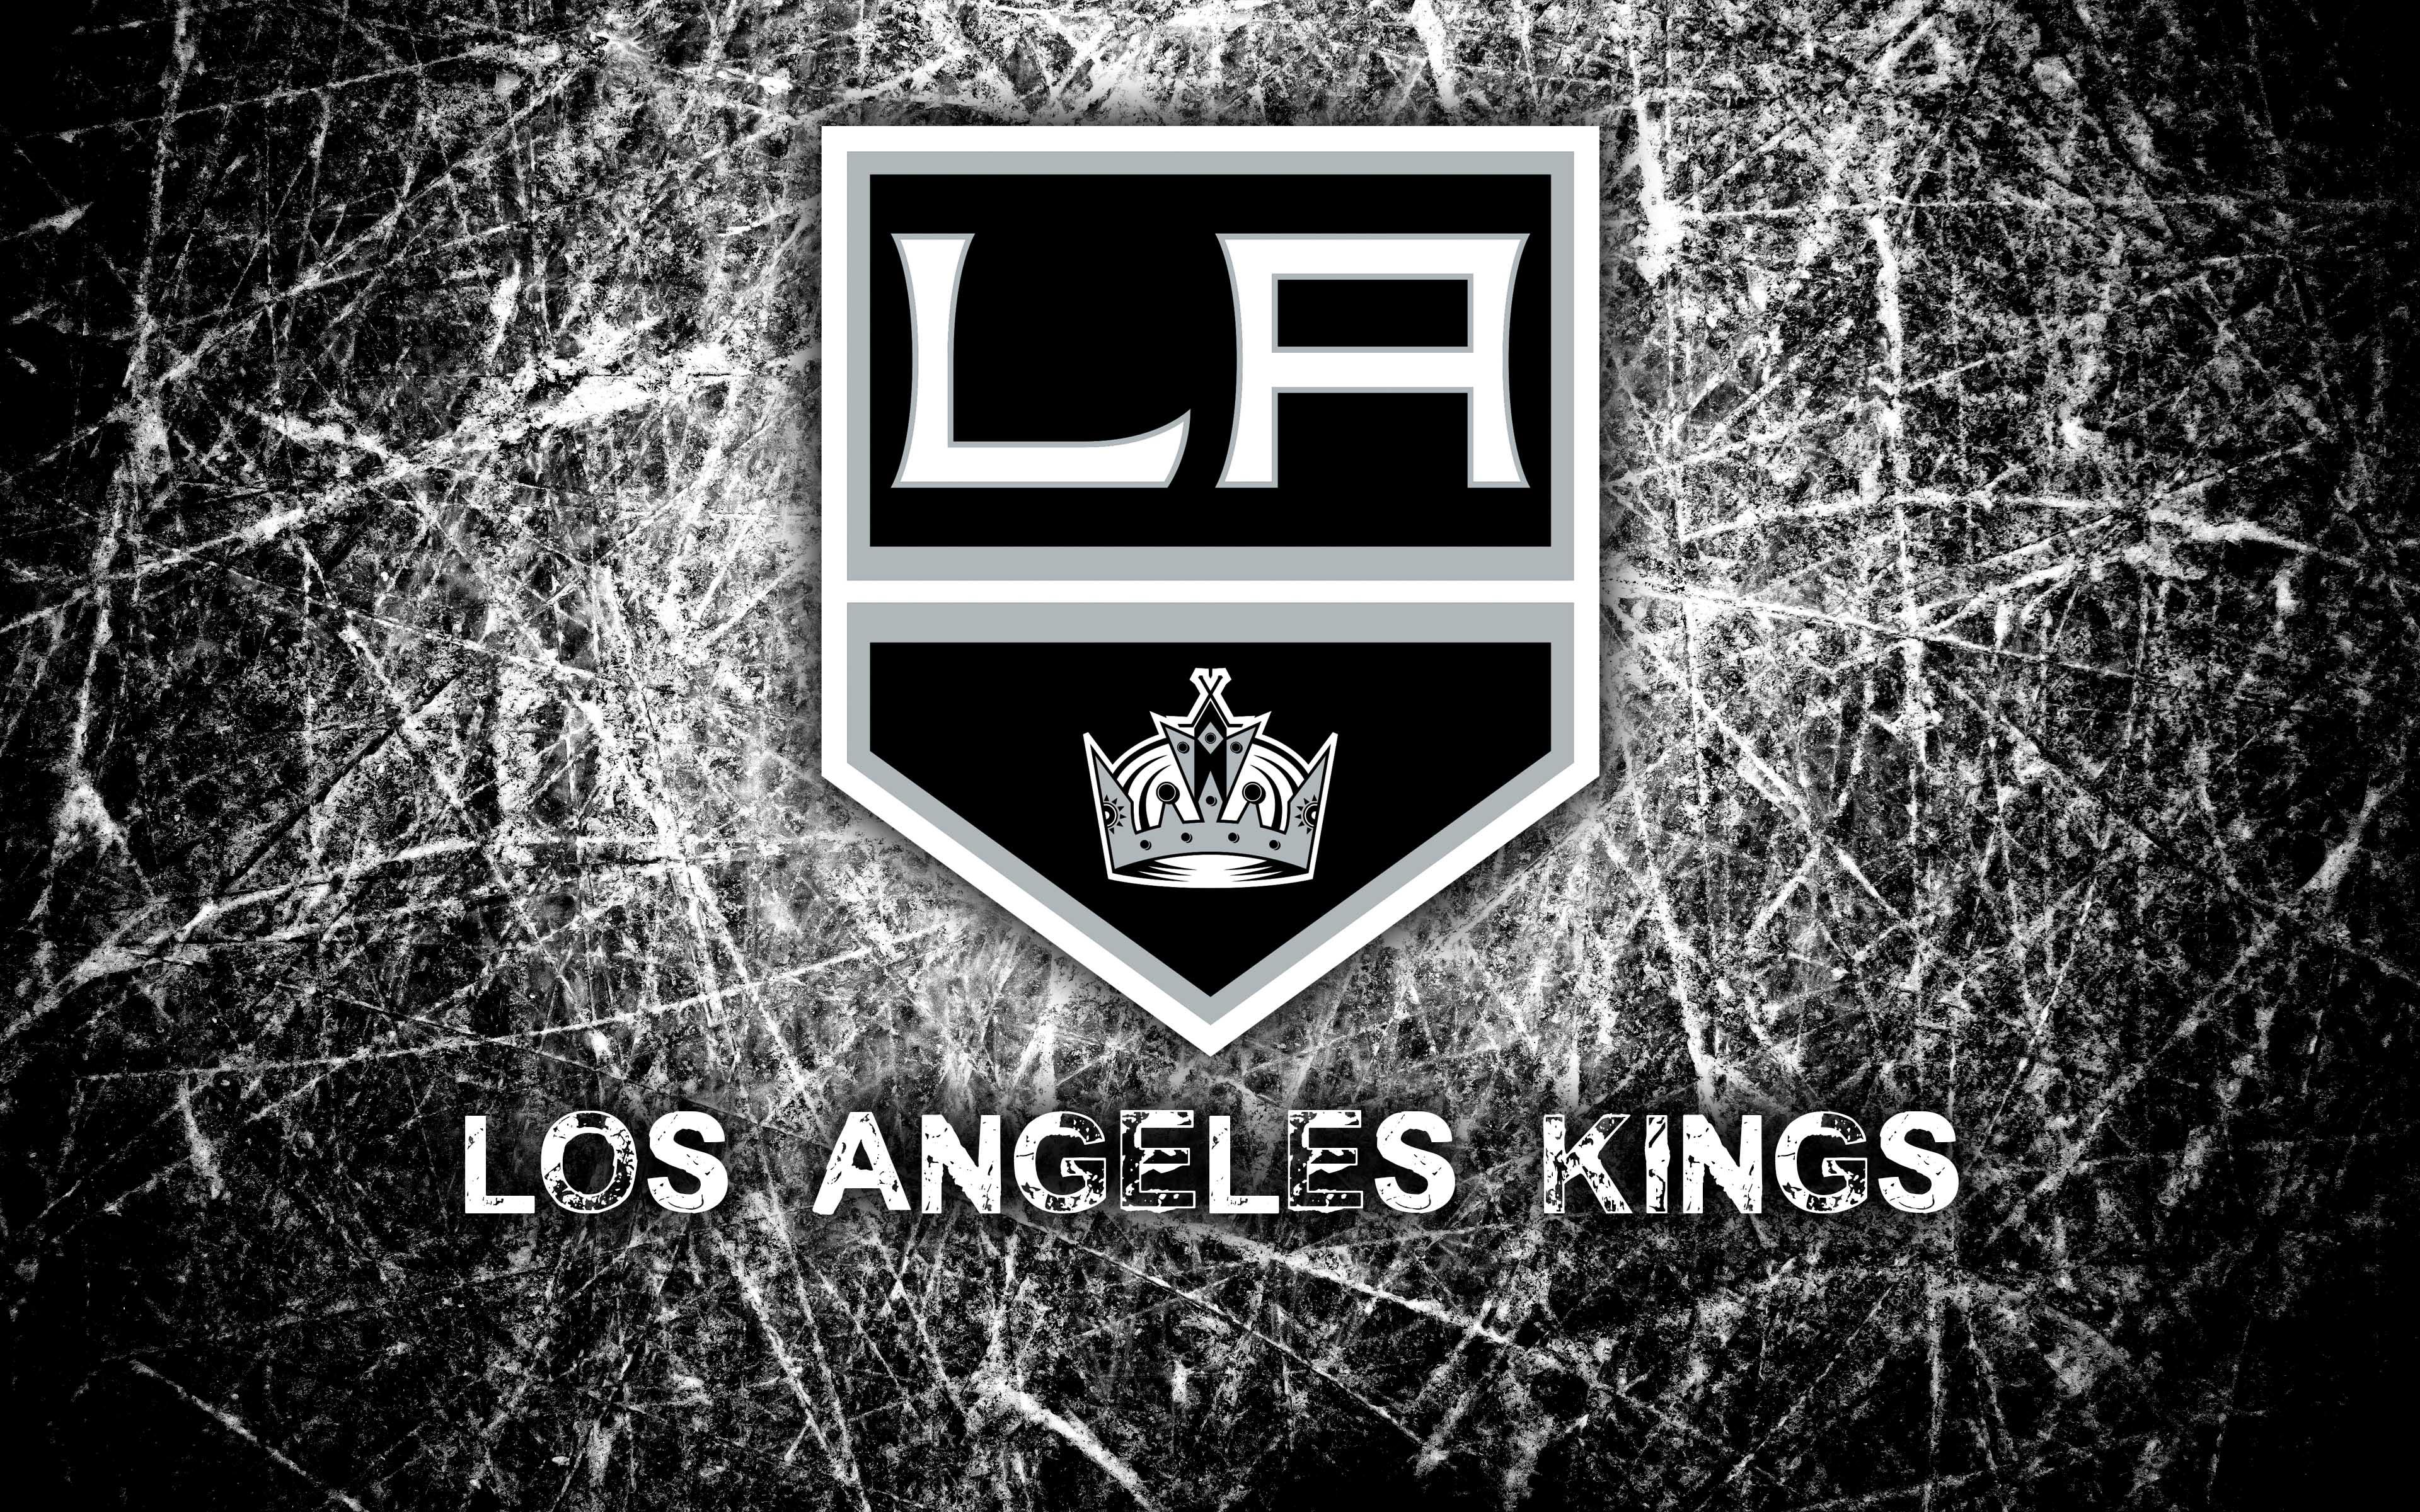 Los Angeles Kings Wallpapers Top Free Los Angeles Kings